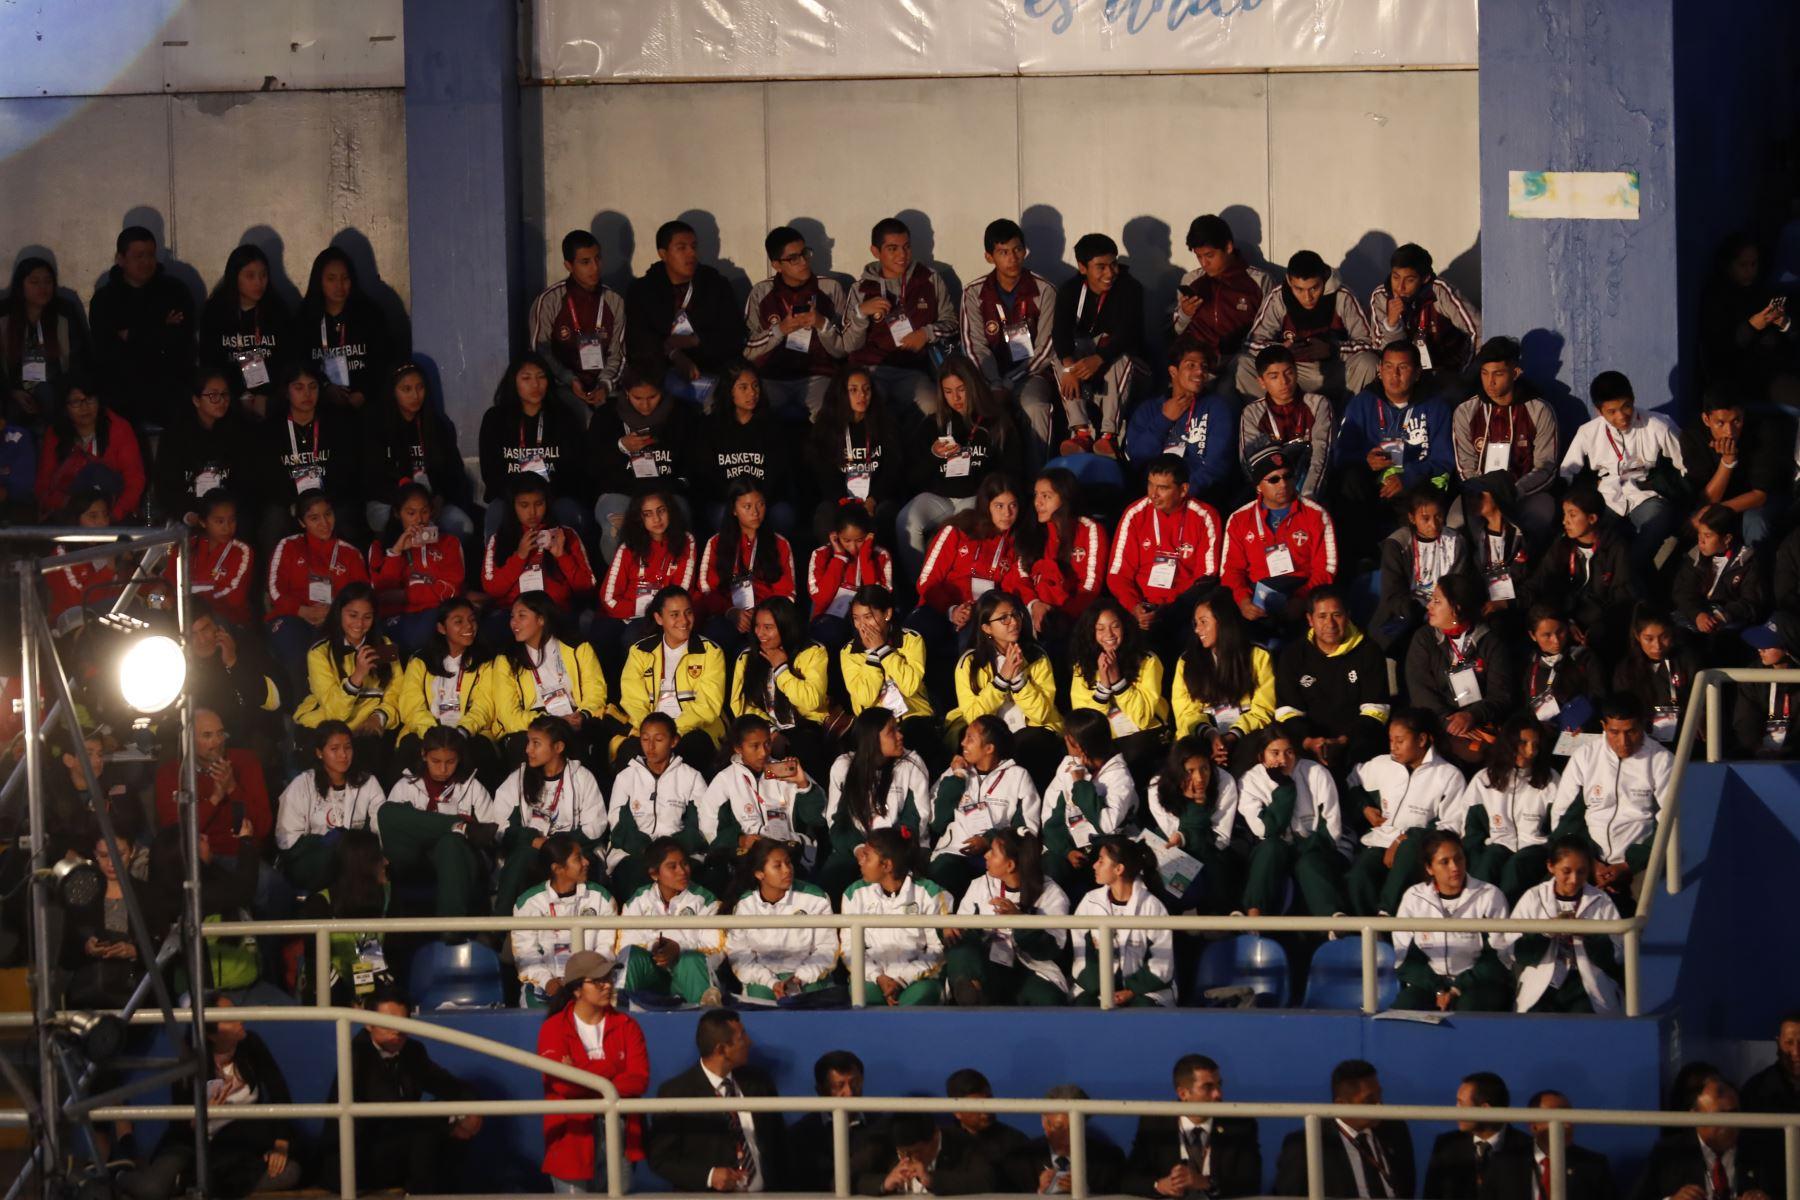 Ceremonia de inauguración de los  XXVII Juegos Deportivos Escolares Nacionales 2019,  en el Coliseo Bonilla de Miraflores.Foto:ANDINA/Renato Pajuelo